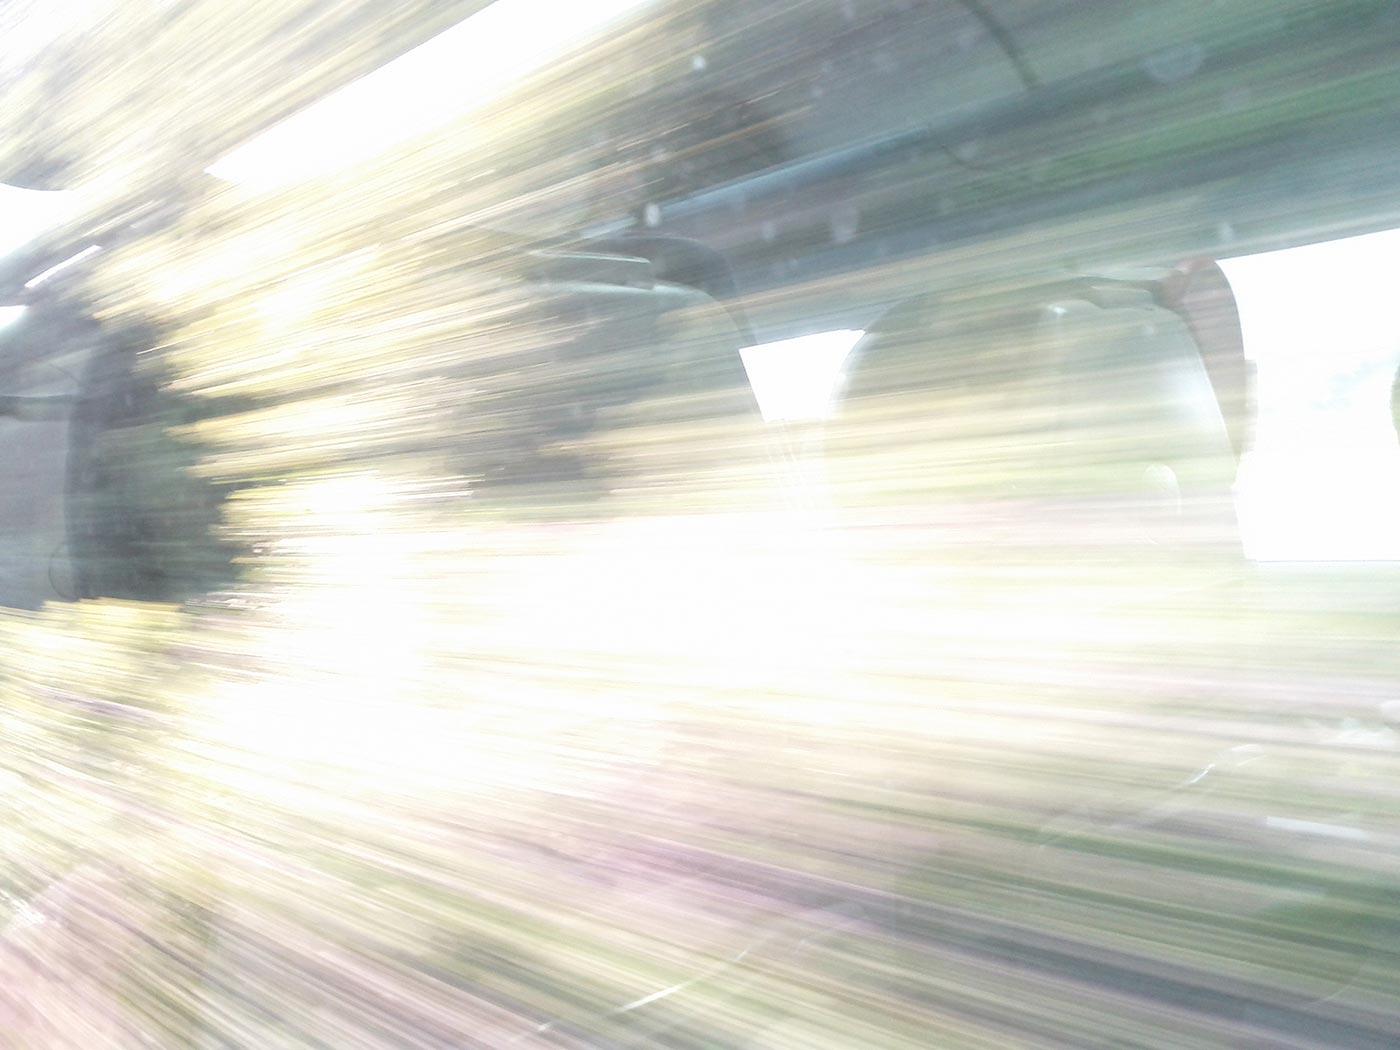 Train approaches warp speed.